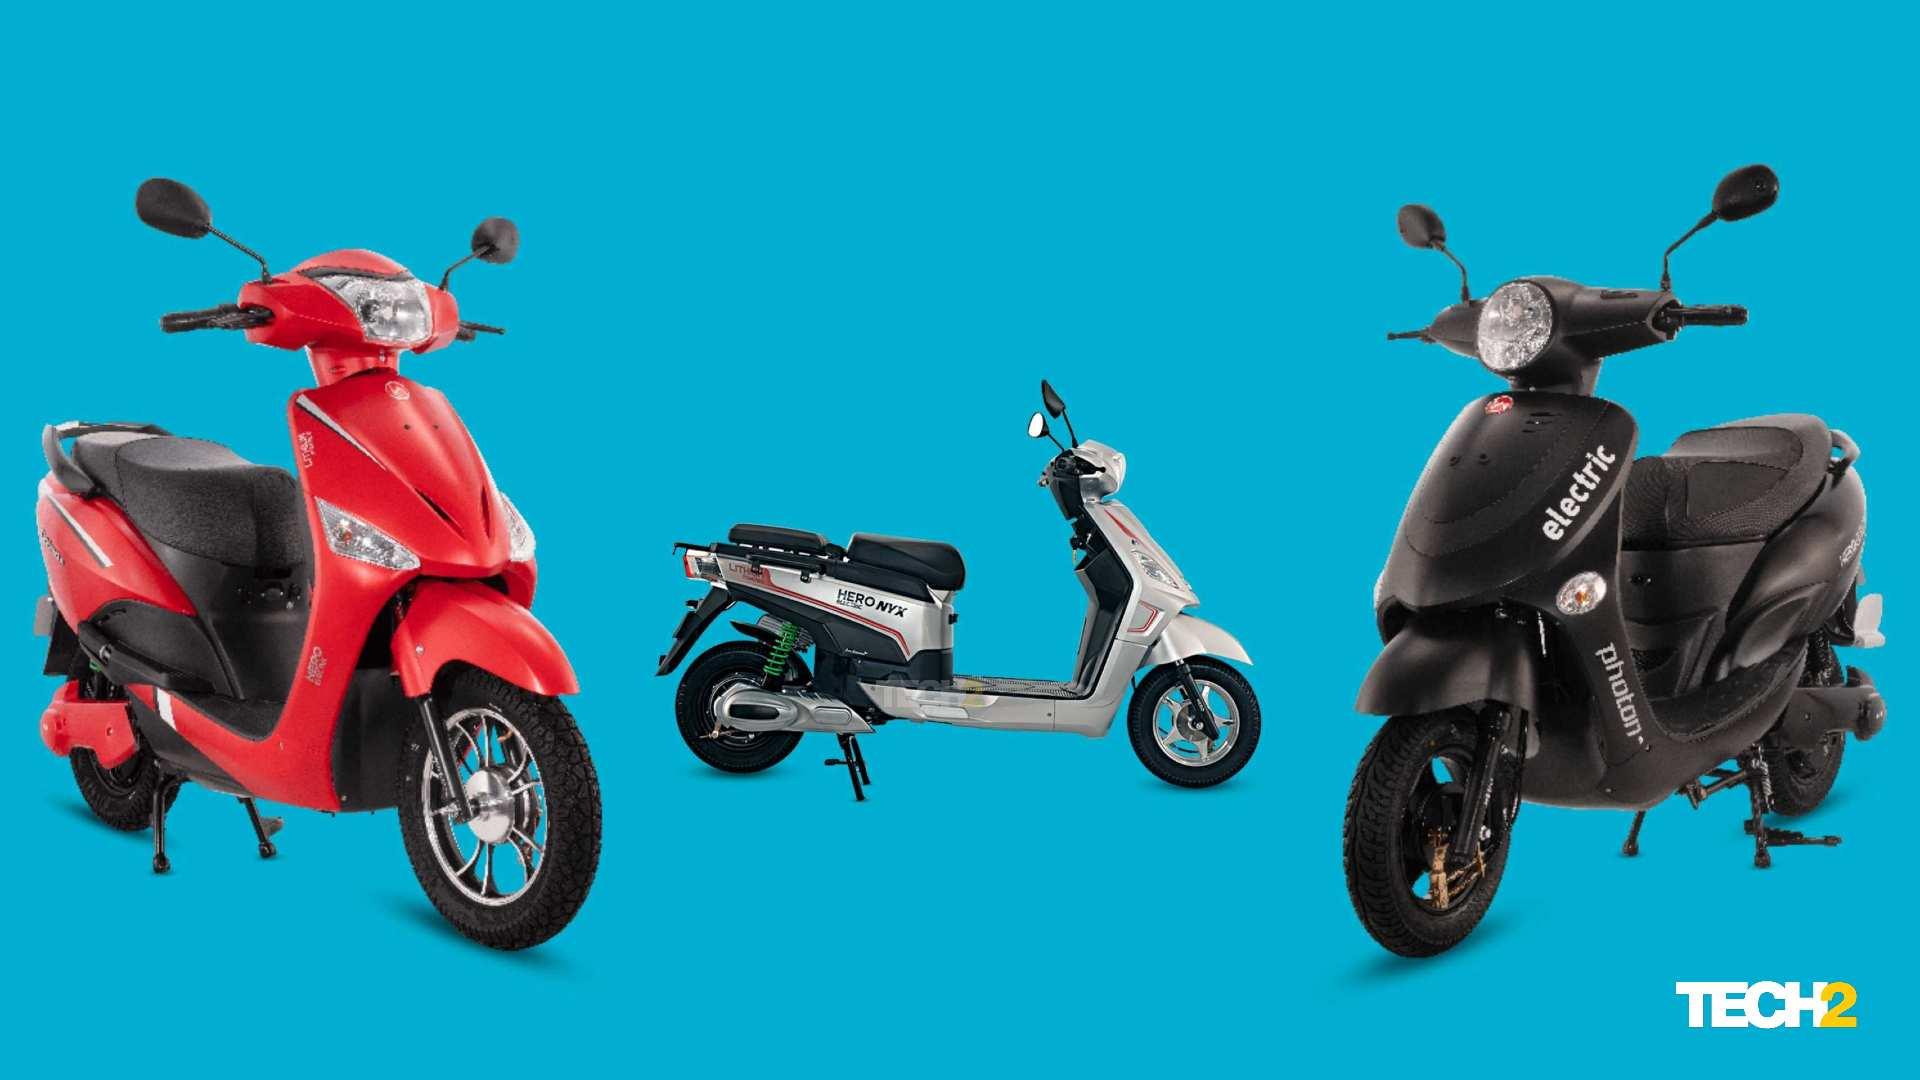 La gama de scooters de velocidad media de Hero Electric ha experimentado una caída drástica en los precios después de la introducción de subsidios estatales.  Imagen: Tech2 / Amaan Ahmed